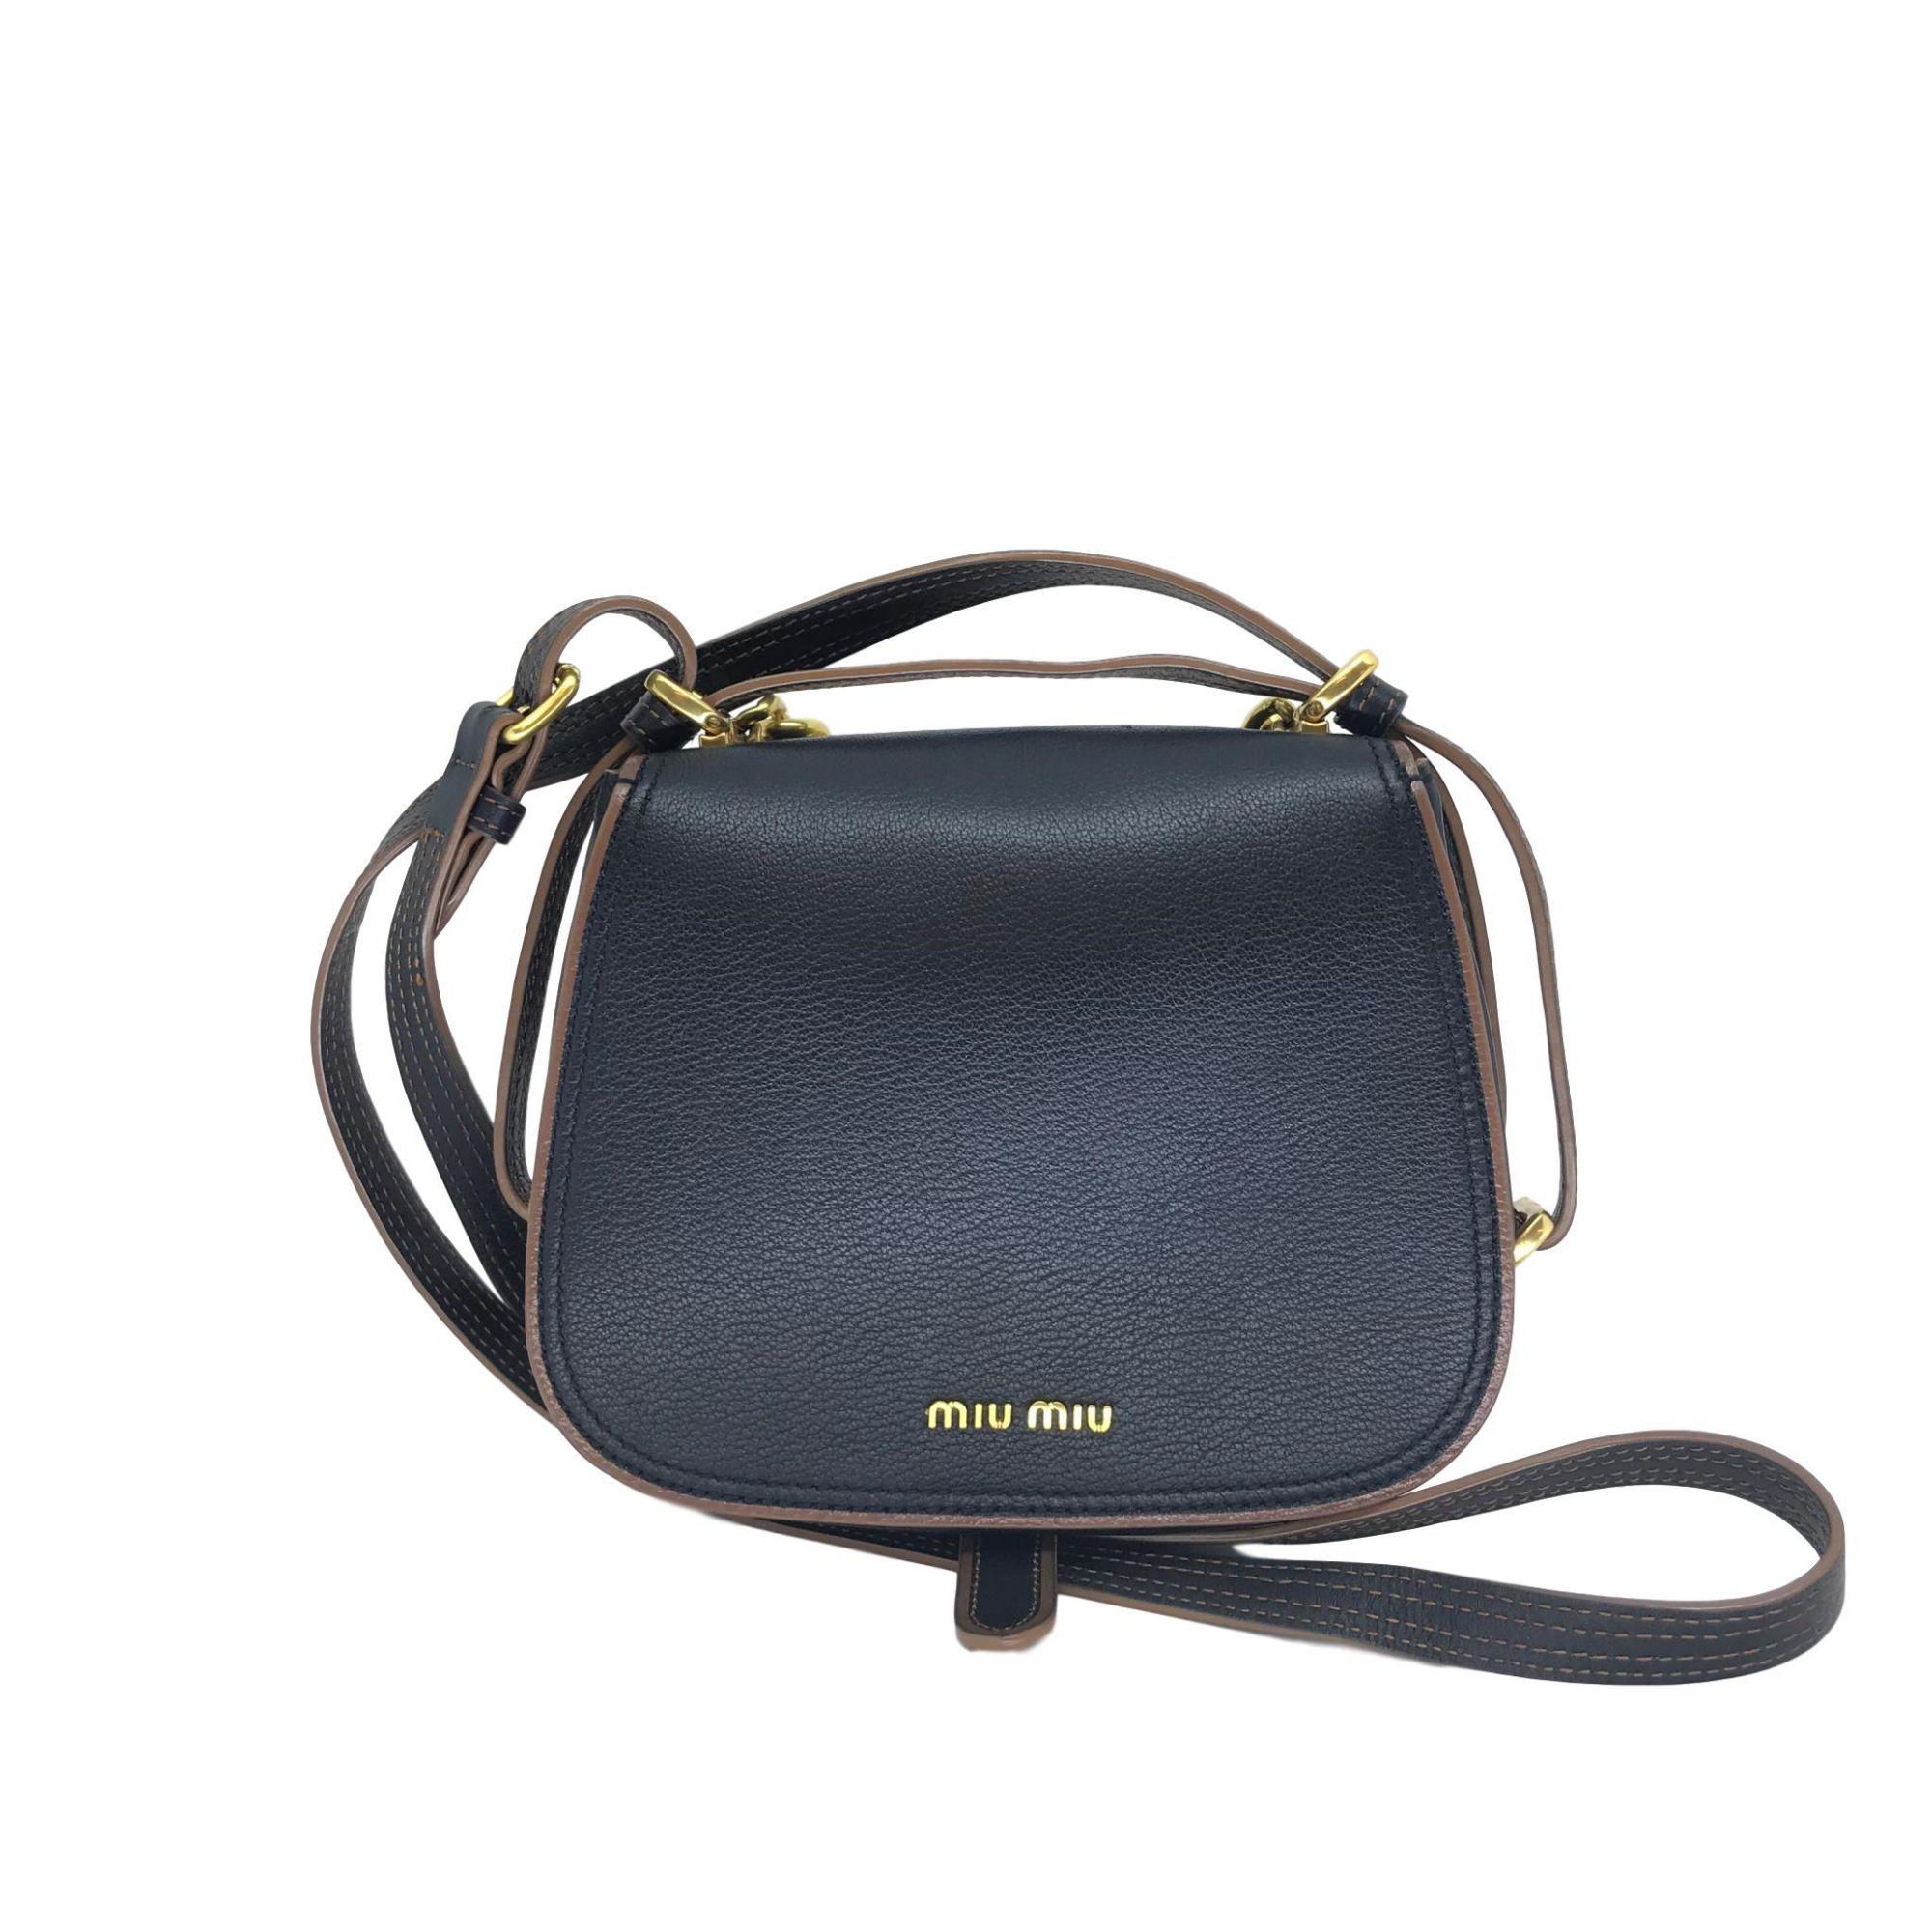 1221d844d Bolsa Preta MiuMiu Couro - Paula Frank | Bolsas de luxo originais ...